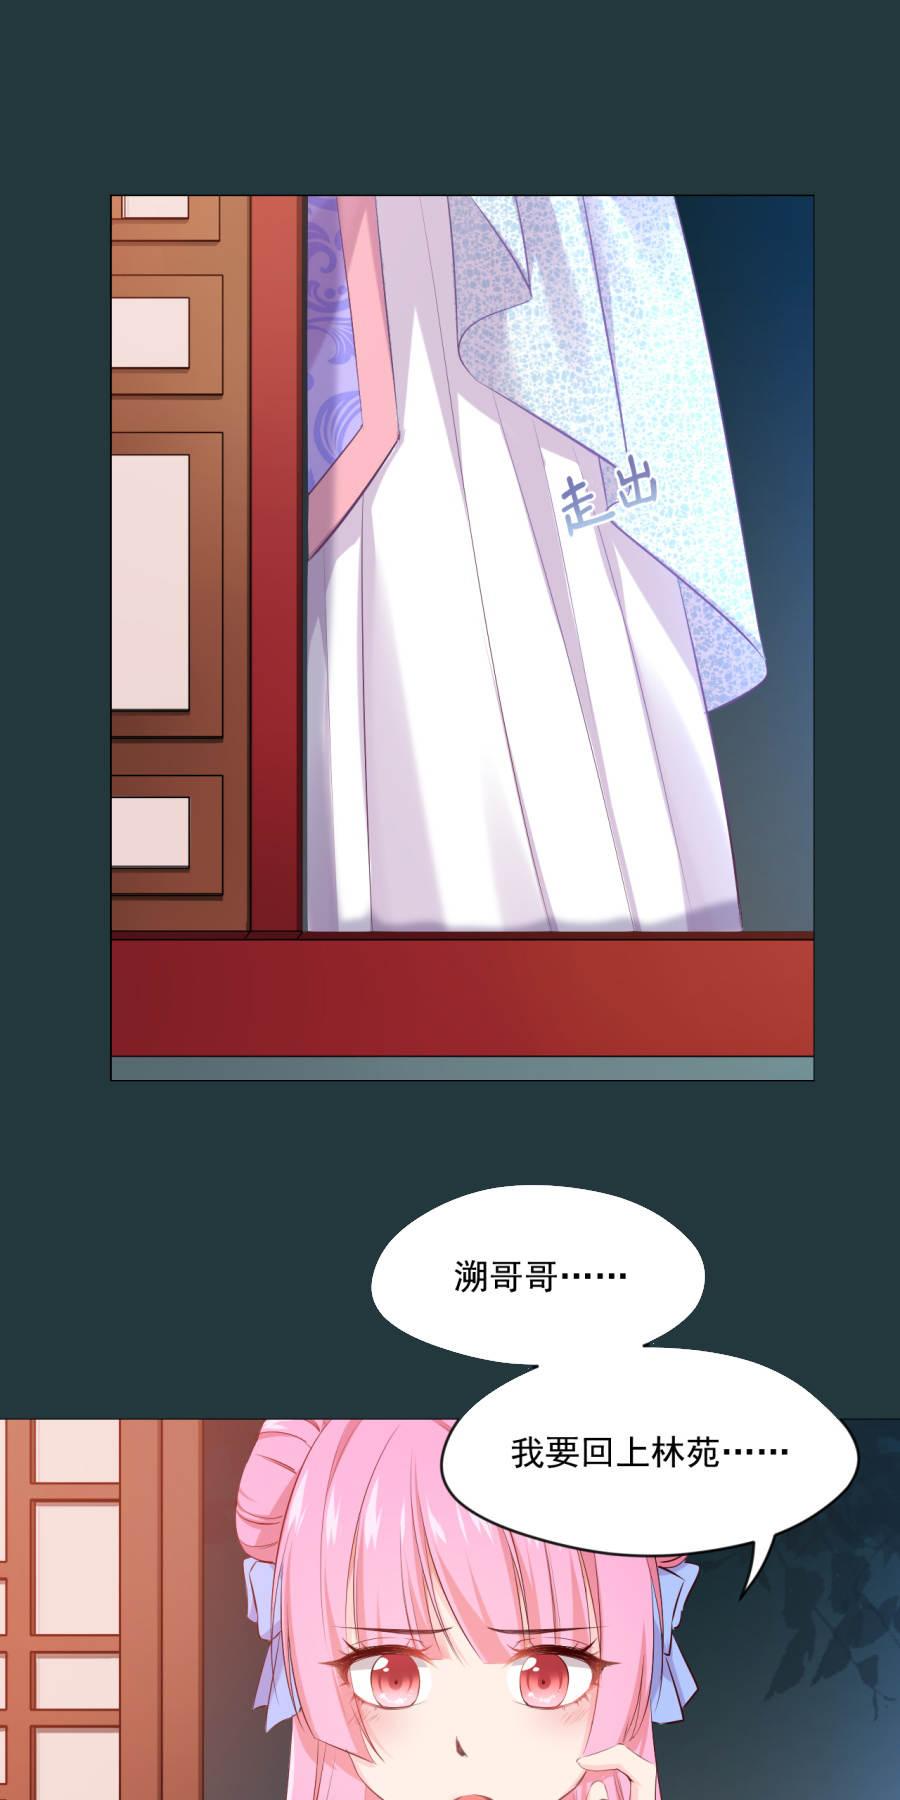 盛世帝王妃第79话  见到了东方的母亲 第 8